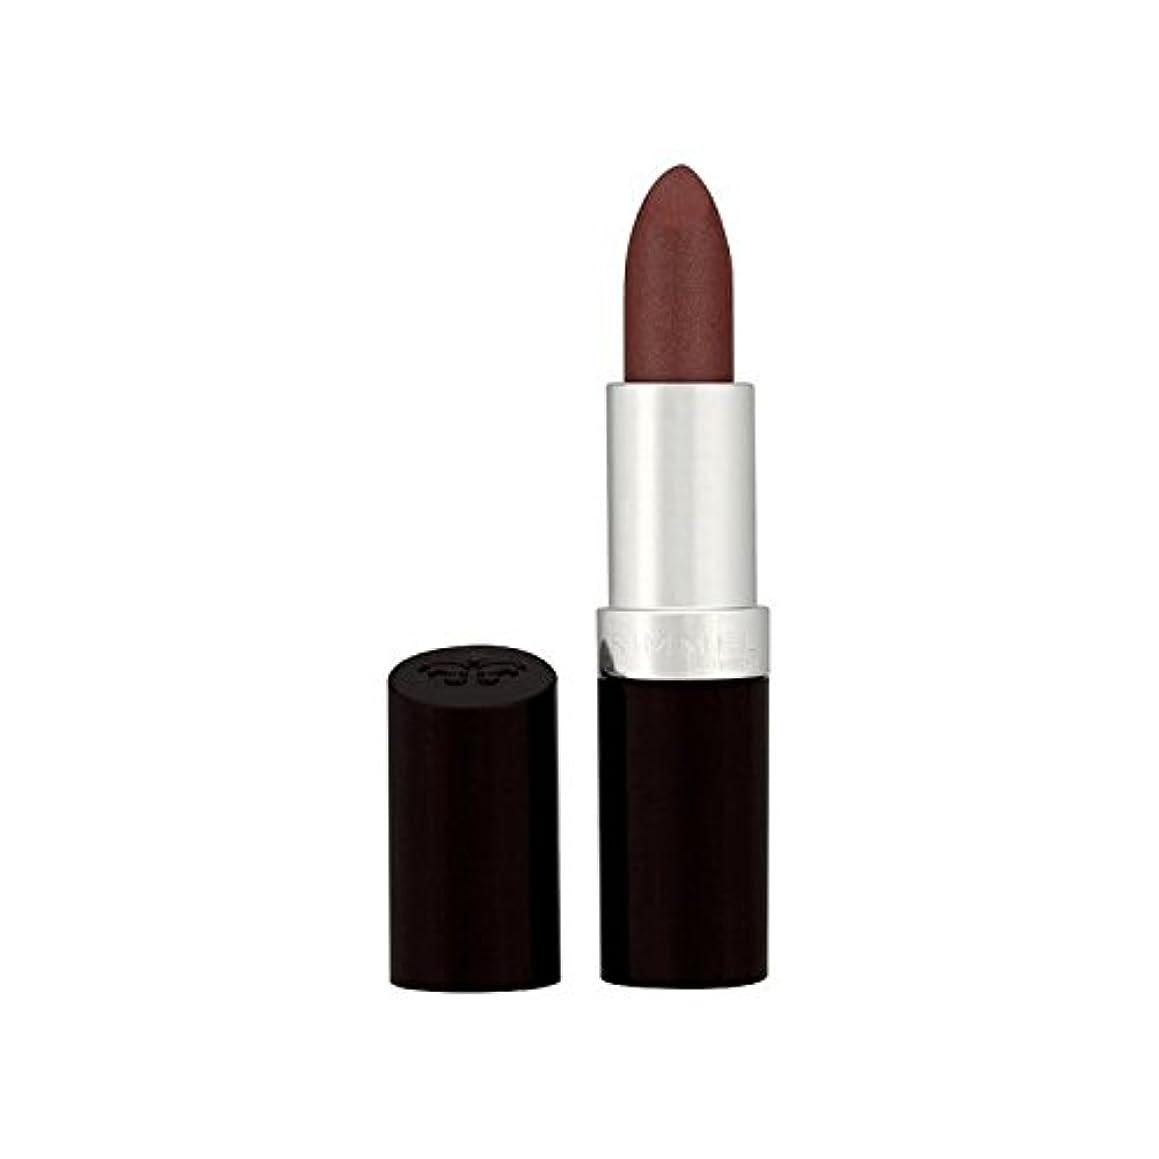 淡い北米雄弁なリンメル持続的な仕上がりのリップスティックコーヒーきらめき264 x4 - Rimmel Lasting Finish Lipstick Coffee Shimmer 264 (Pack of 4) [並行輸入品]